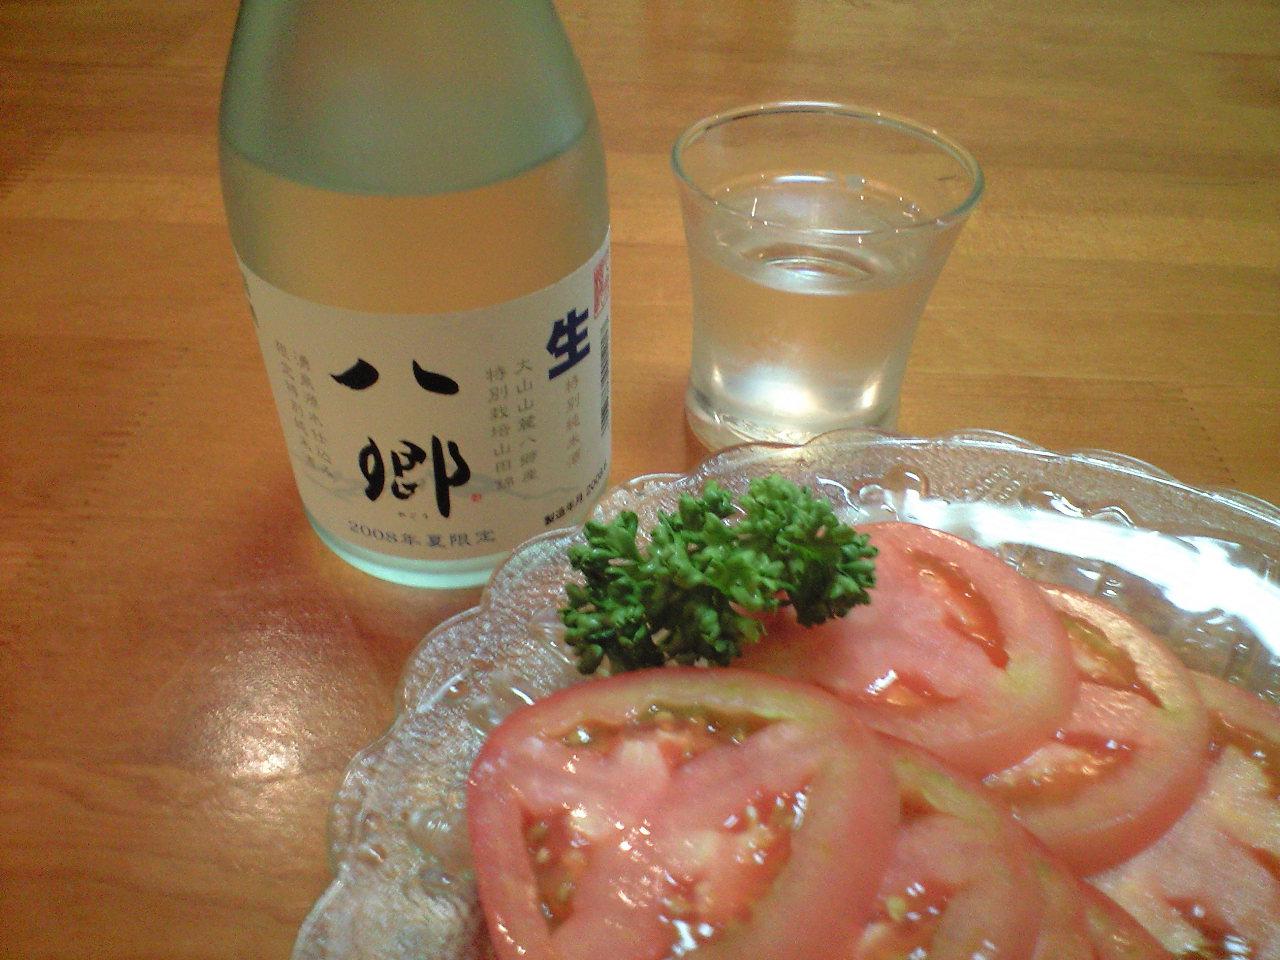 大山の銘酒「八郷」夏の生酒 出ました!